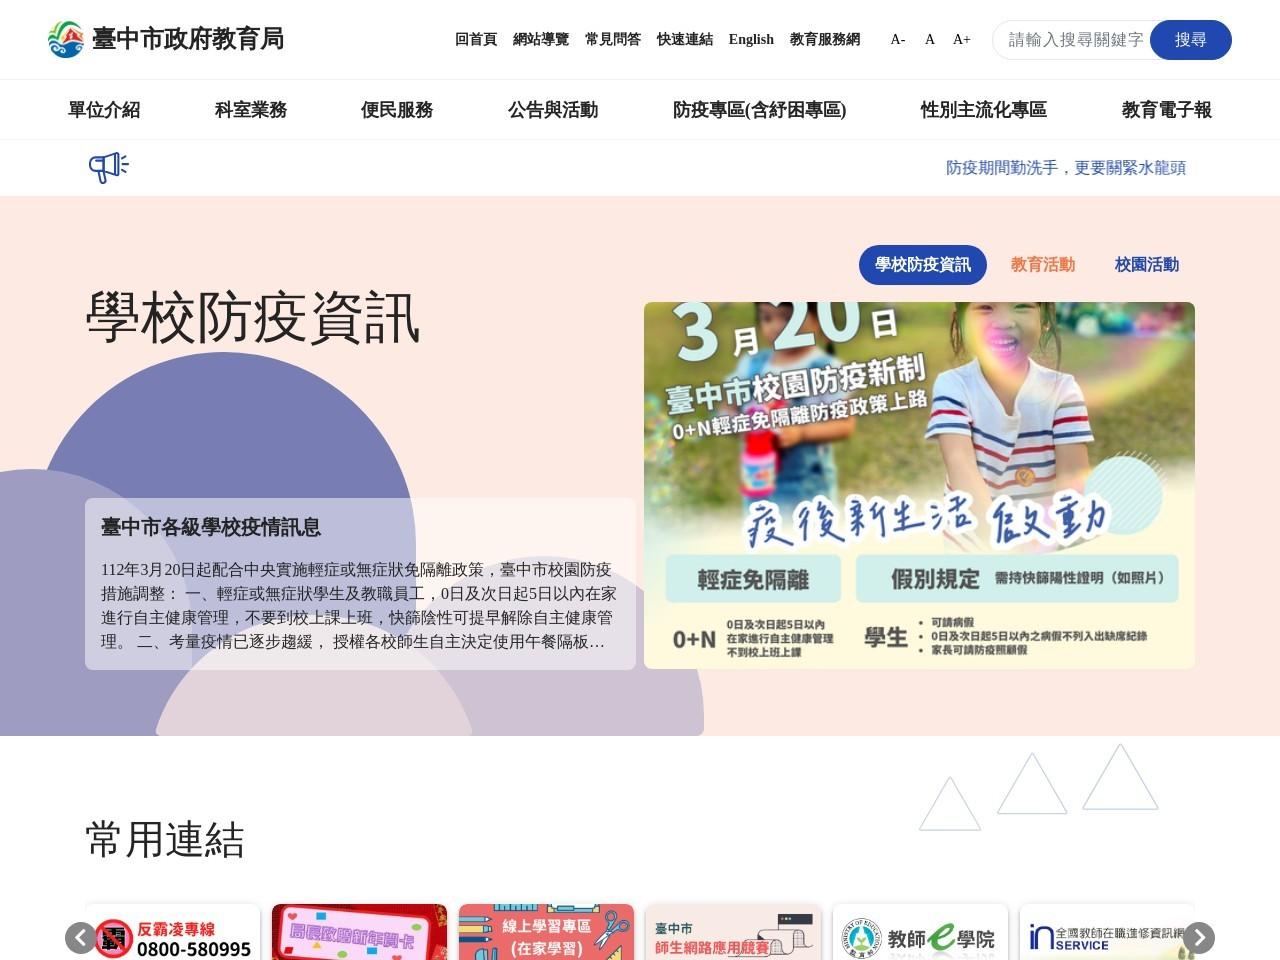 檢送中華民國飛盤協會辦理『全國國民小學五人制飛盤爭奪錦標賽』競賽規程1份,請查照。